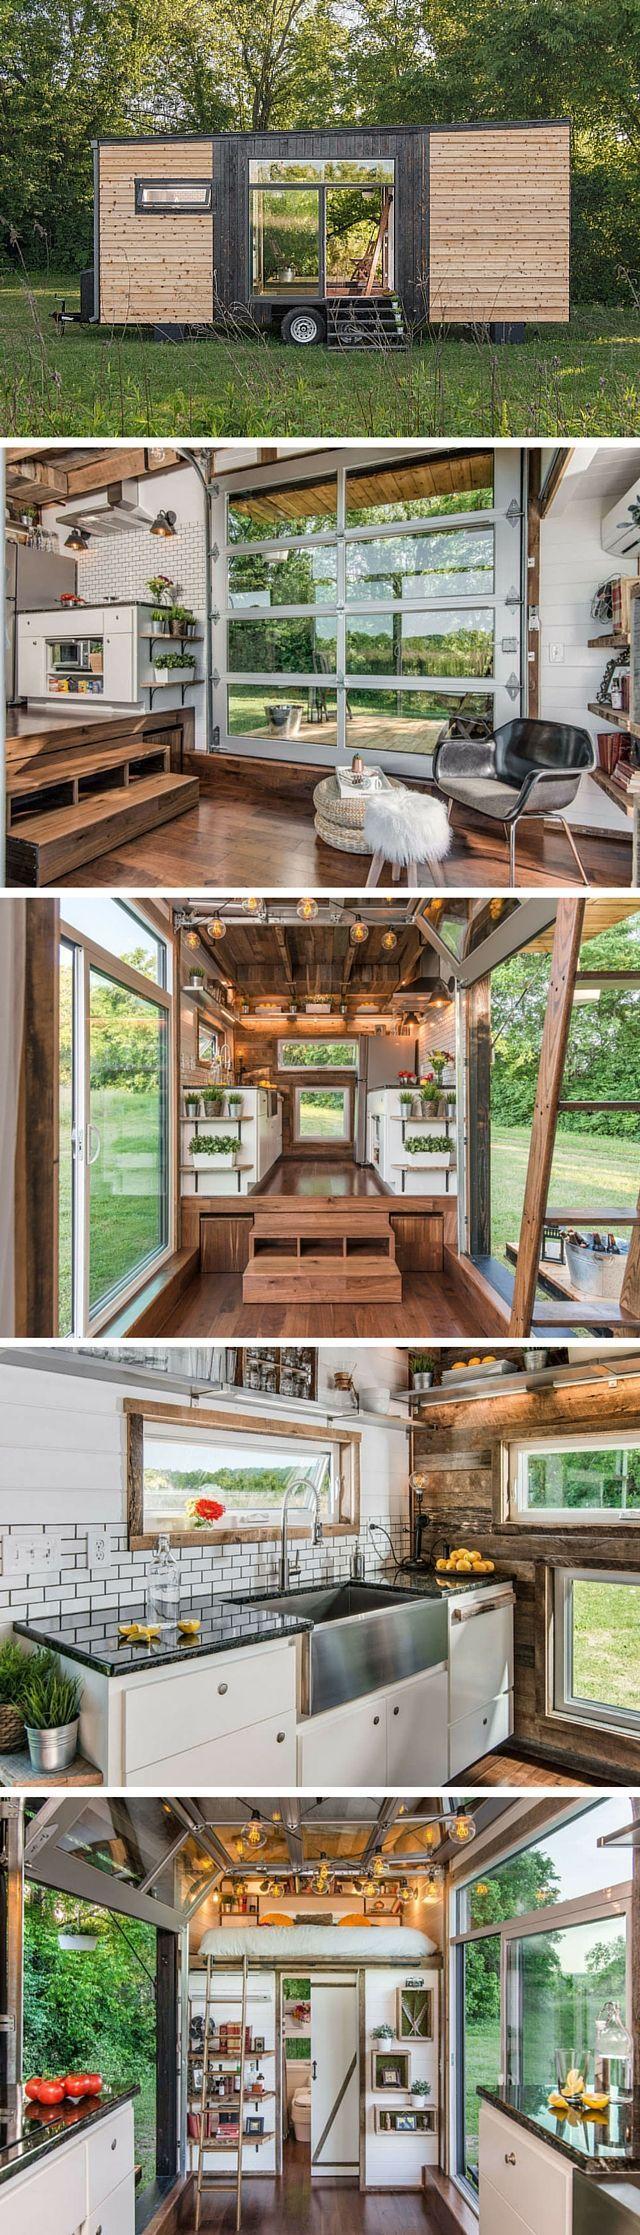 1803 besten Tiny Homes Bilder auf Pinterest | Hauspläne, Kleine ...